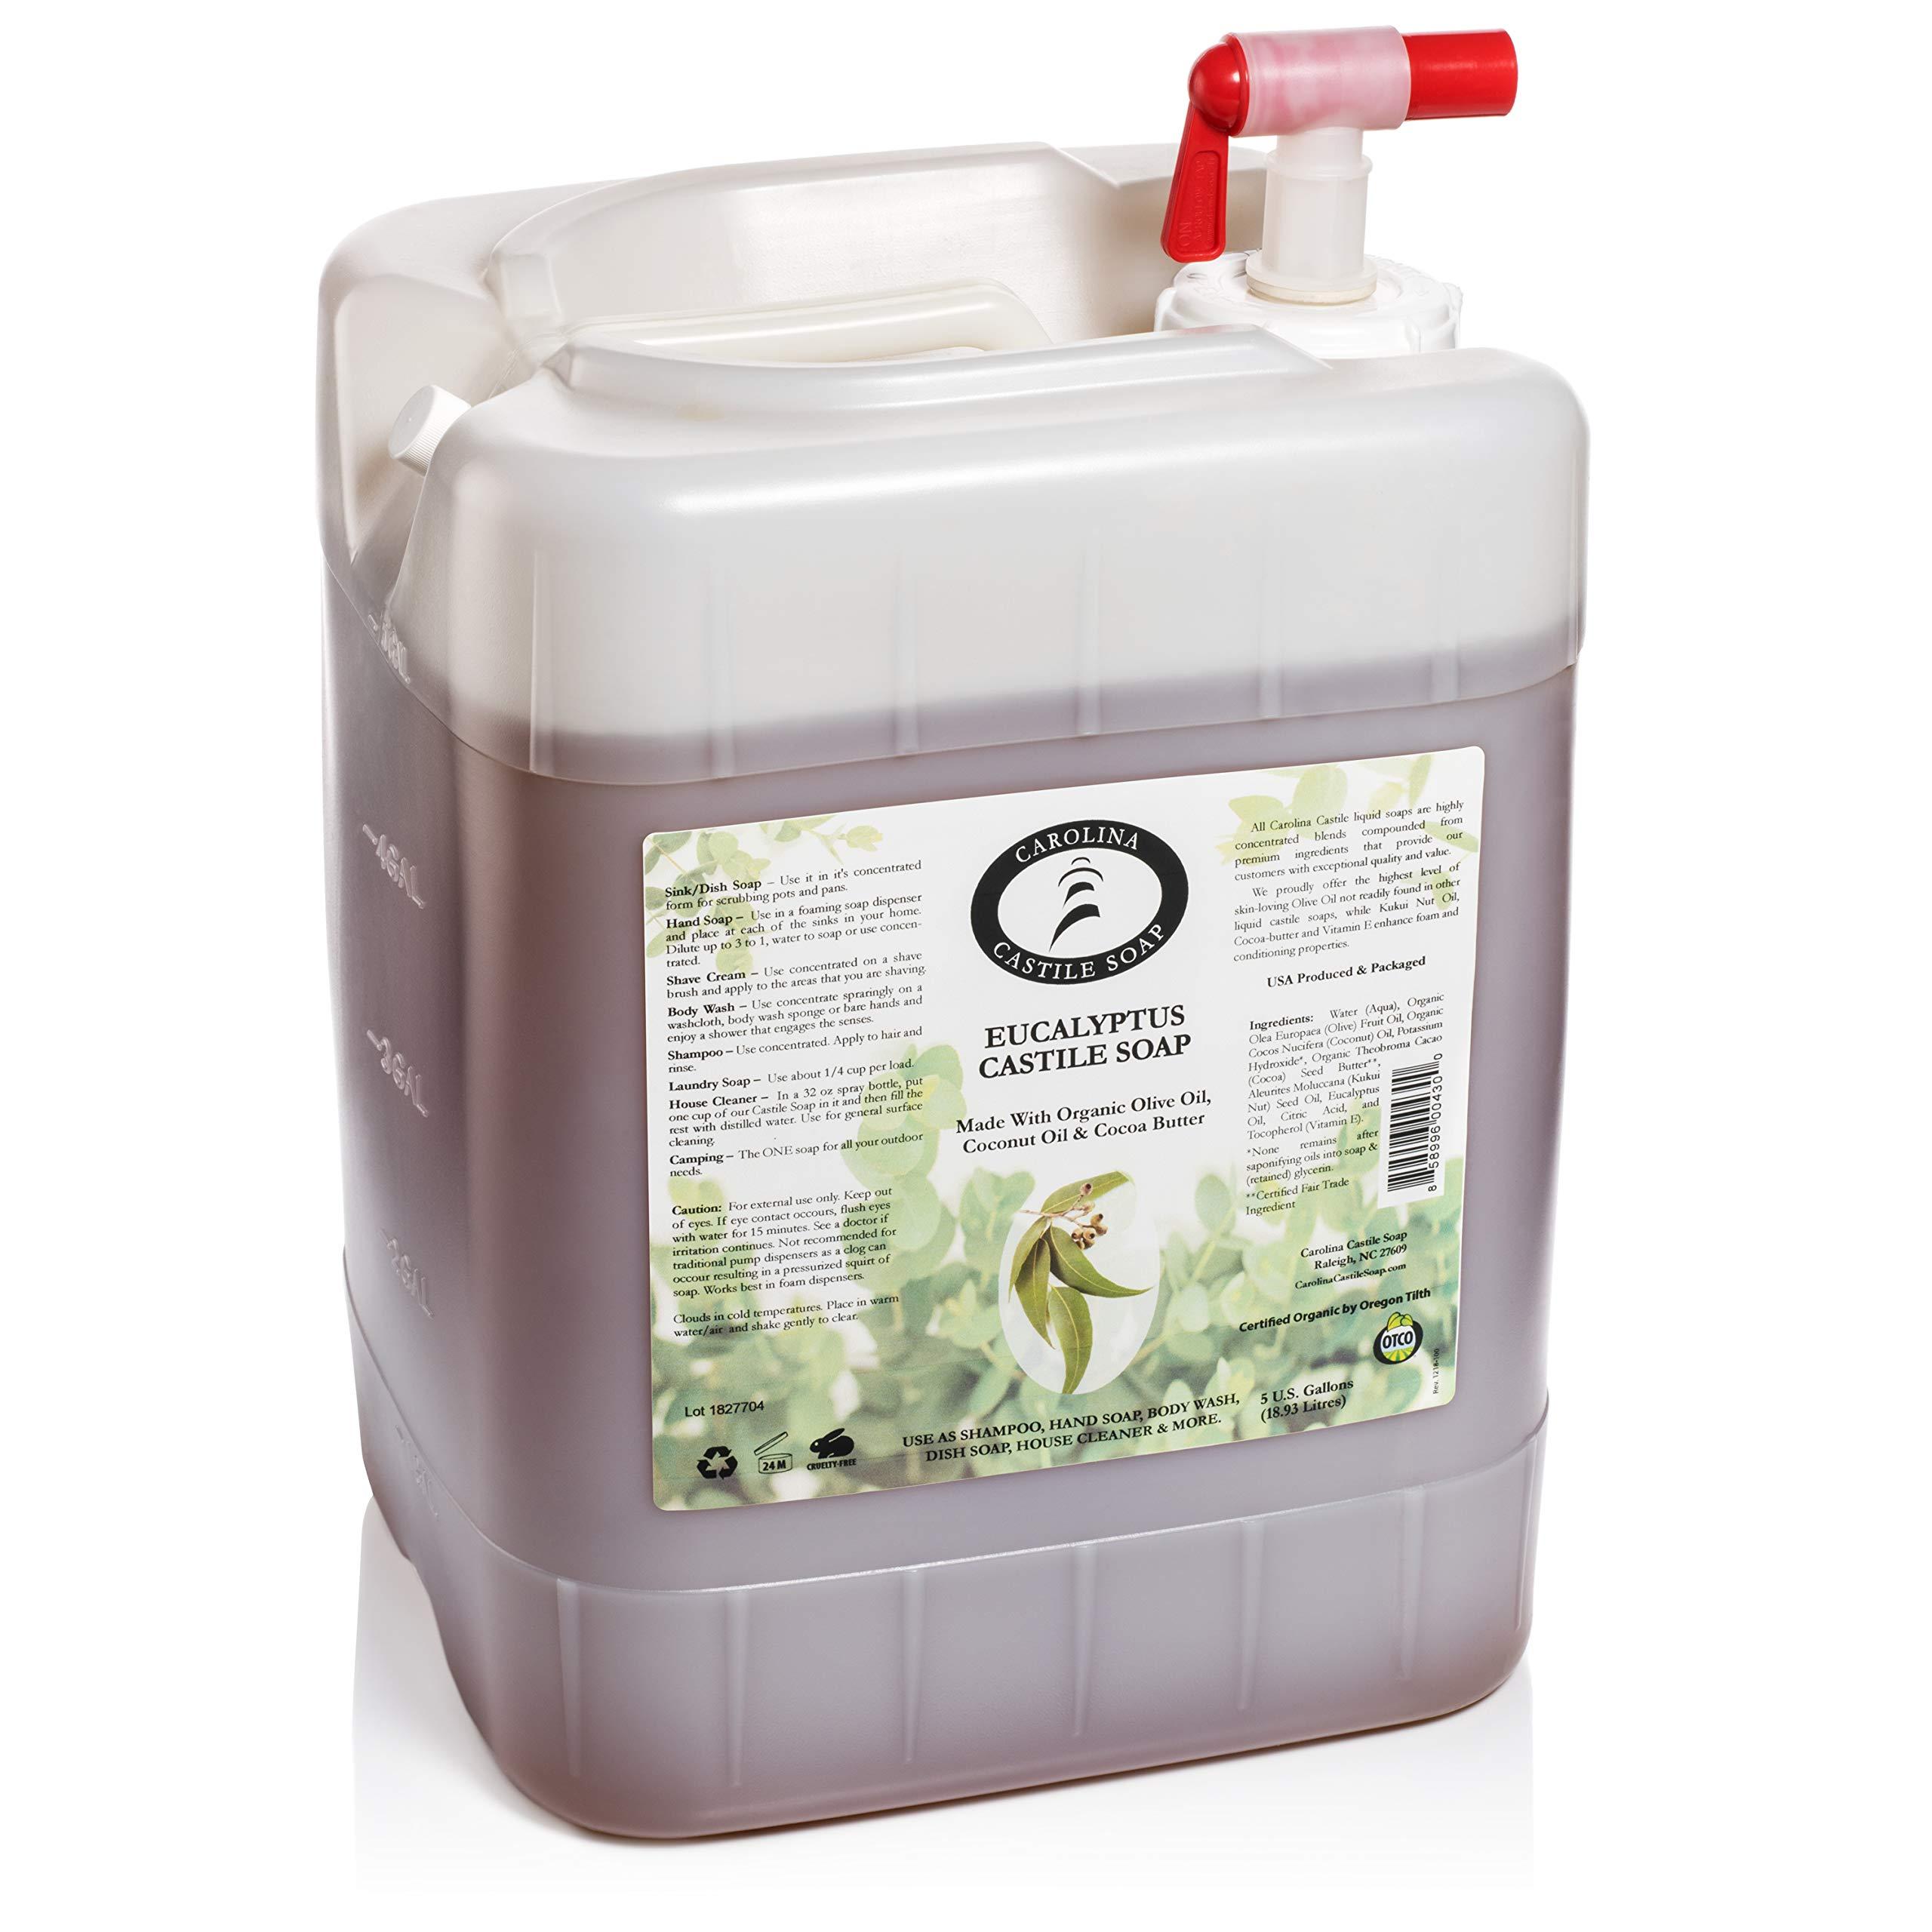 Eucalyptus Castile Soap (5 Gallon Jug)